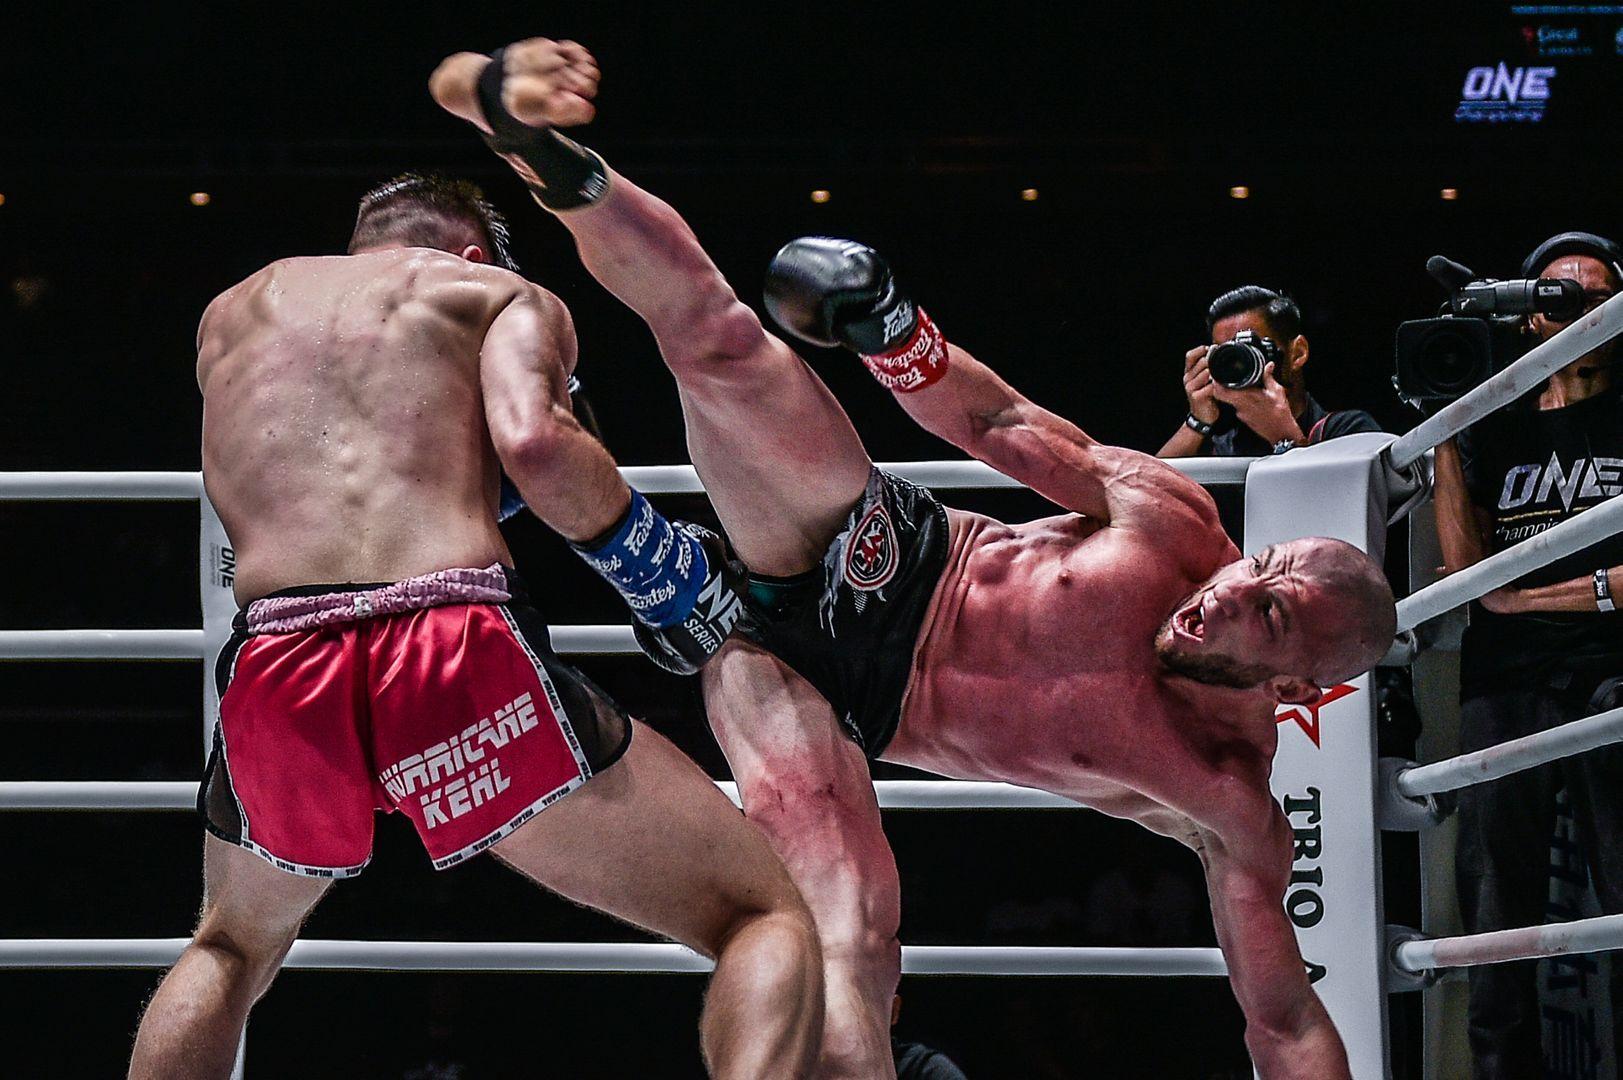 Russian kickboxer Dzhabar Askerov lands a spinning heel kick